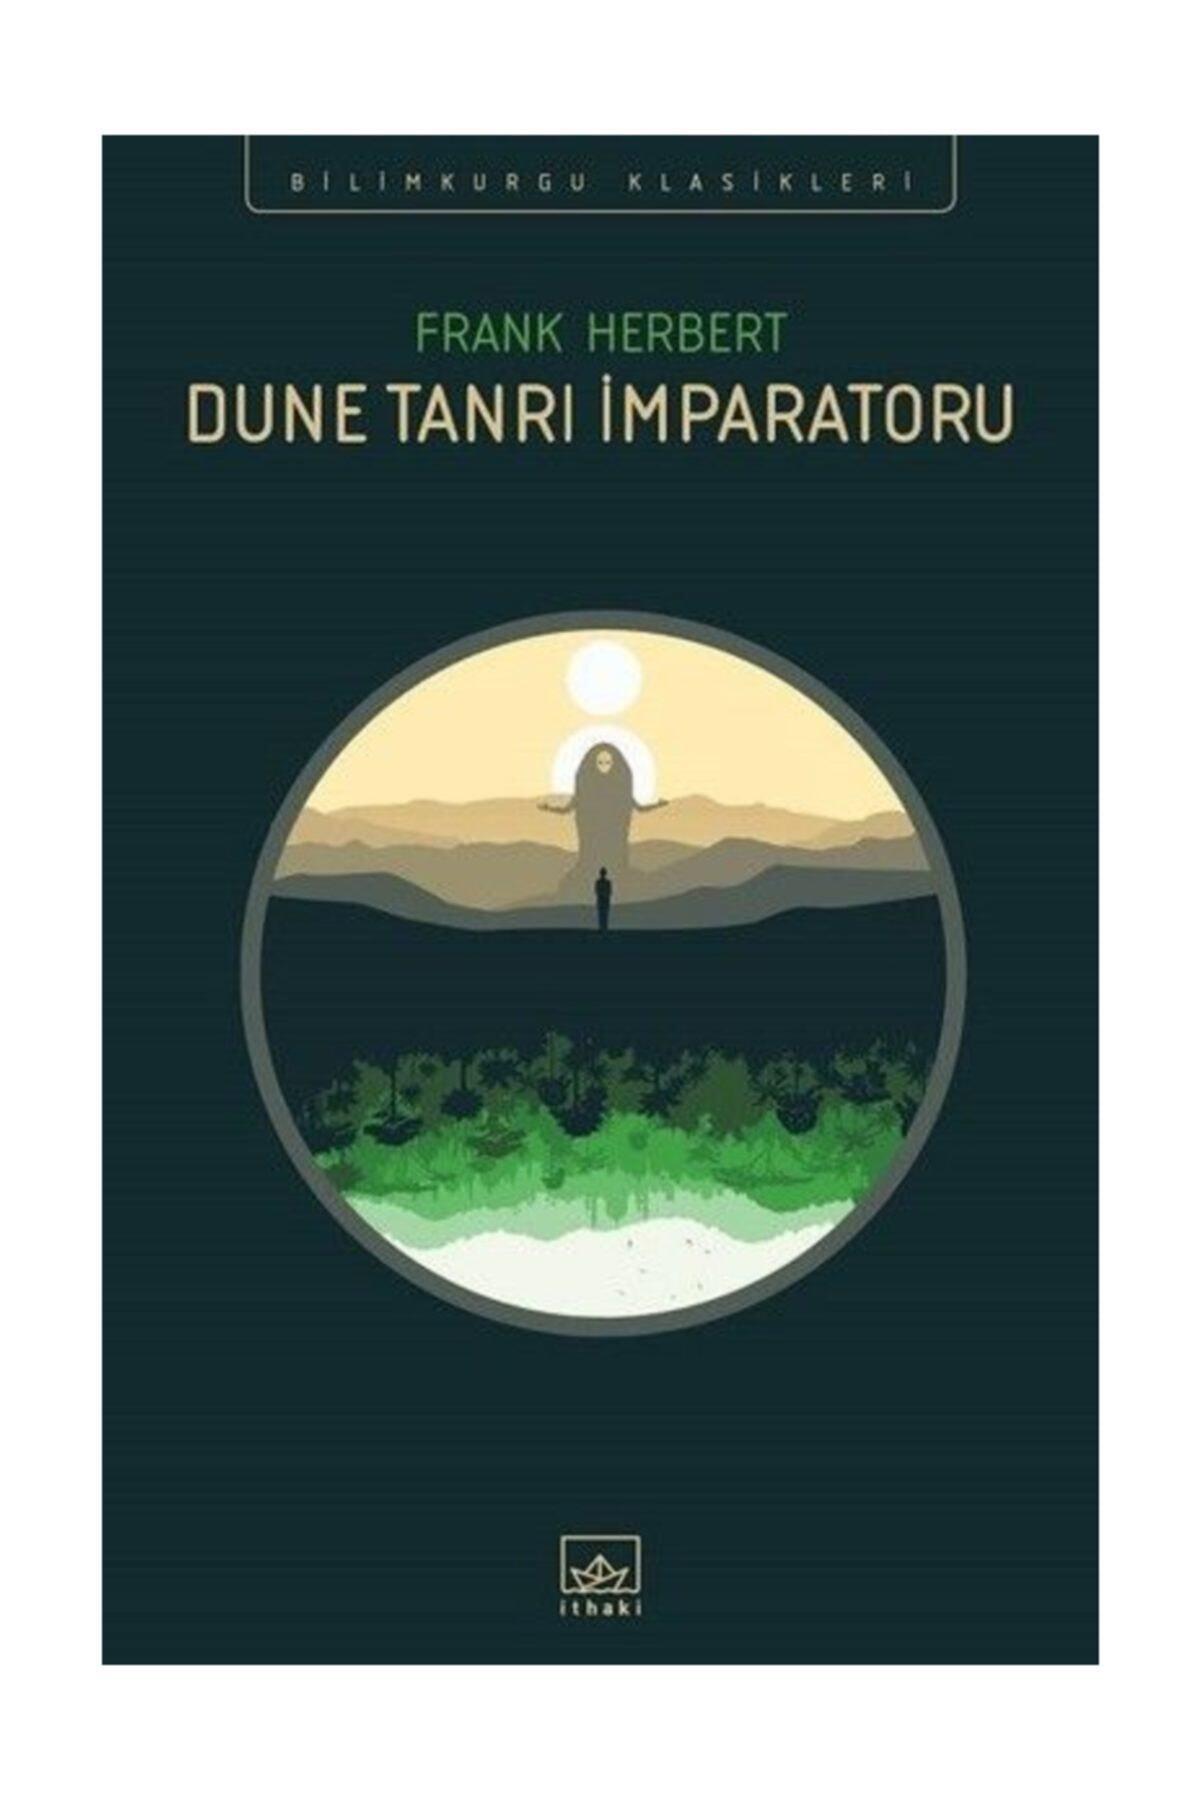 İthaki Yayınları Dune Tanrı Imparatoru Frank Herbert 1